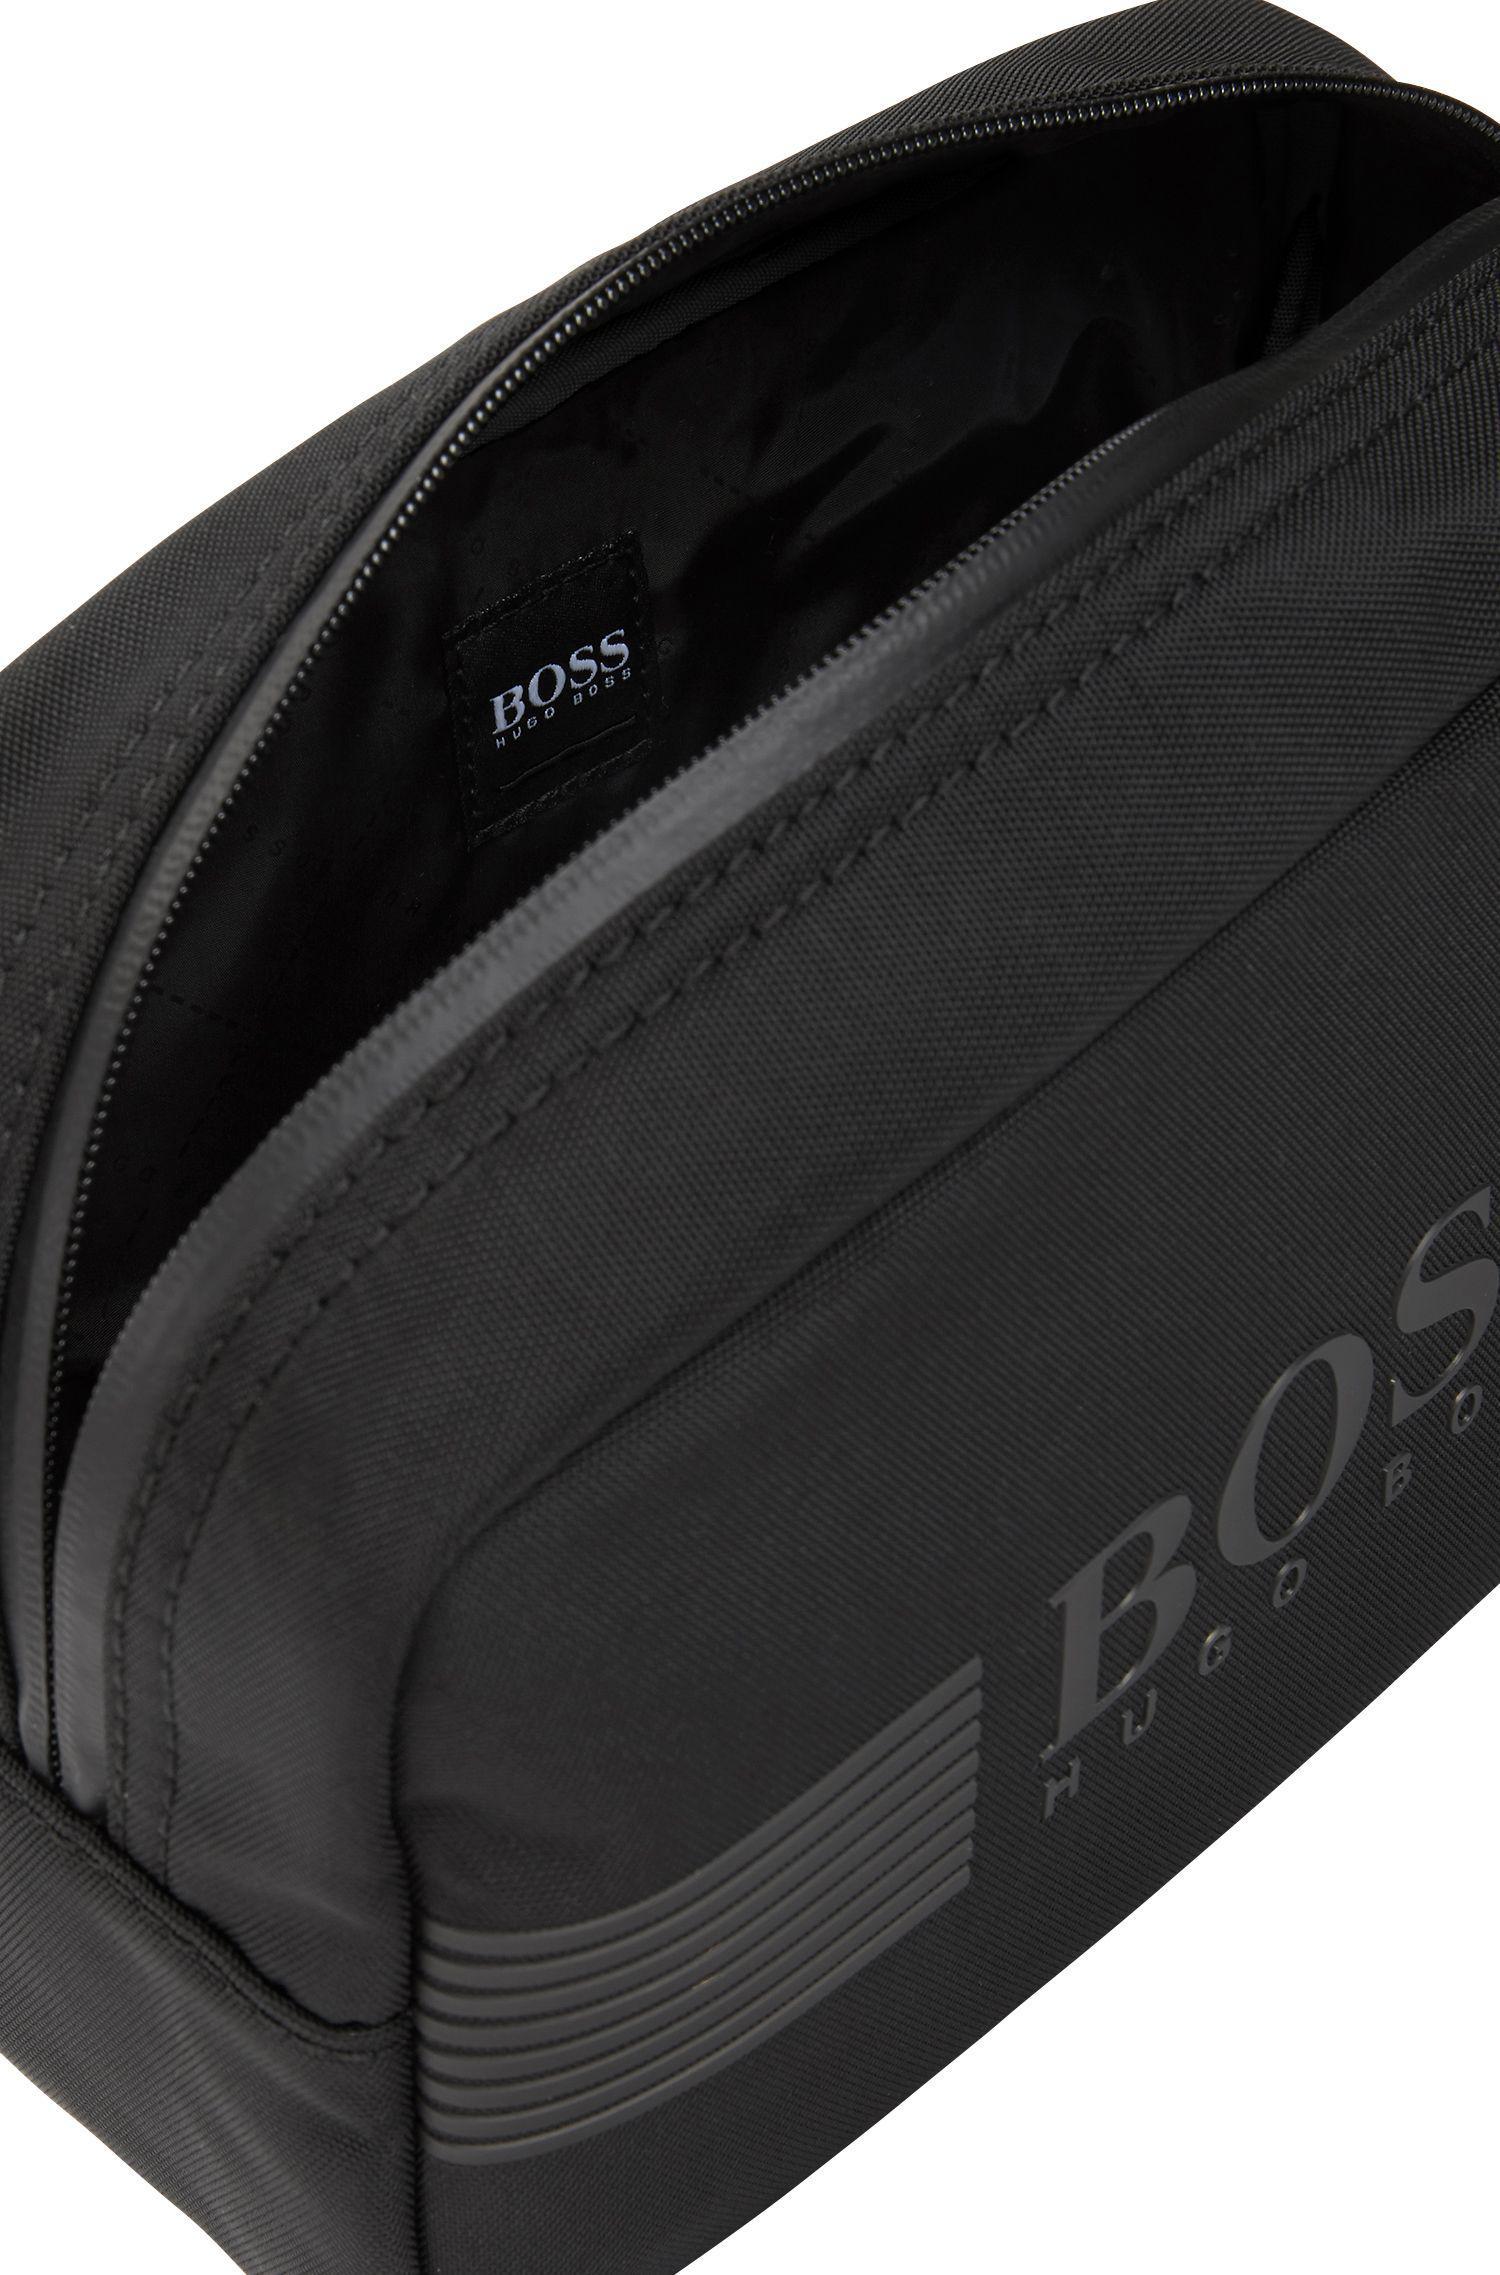 c3e067c772 Lyst - BOSS Toiletry Bag With Harry s Shaving Set in Black for Men